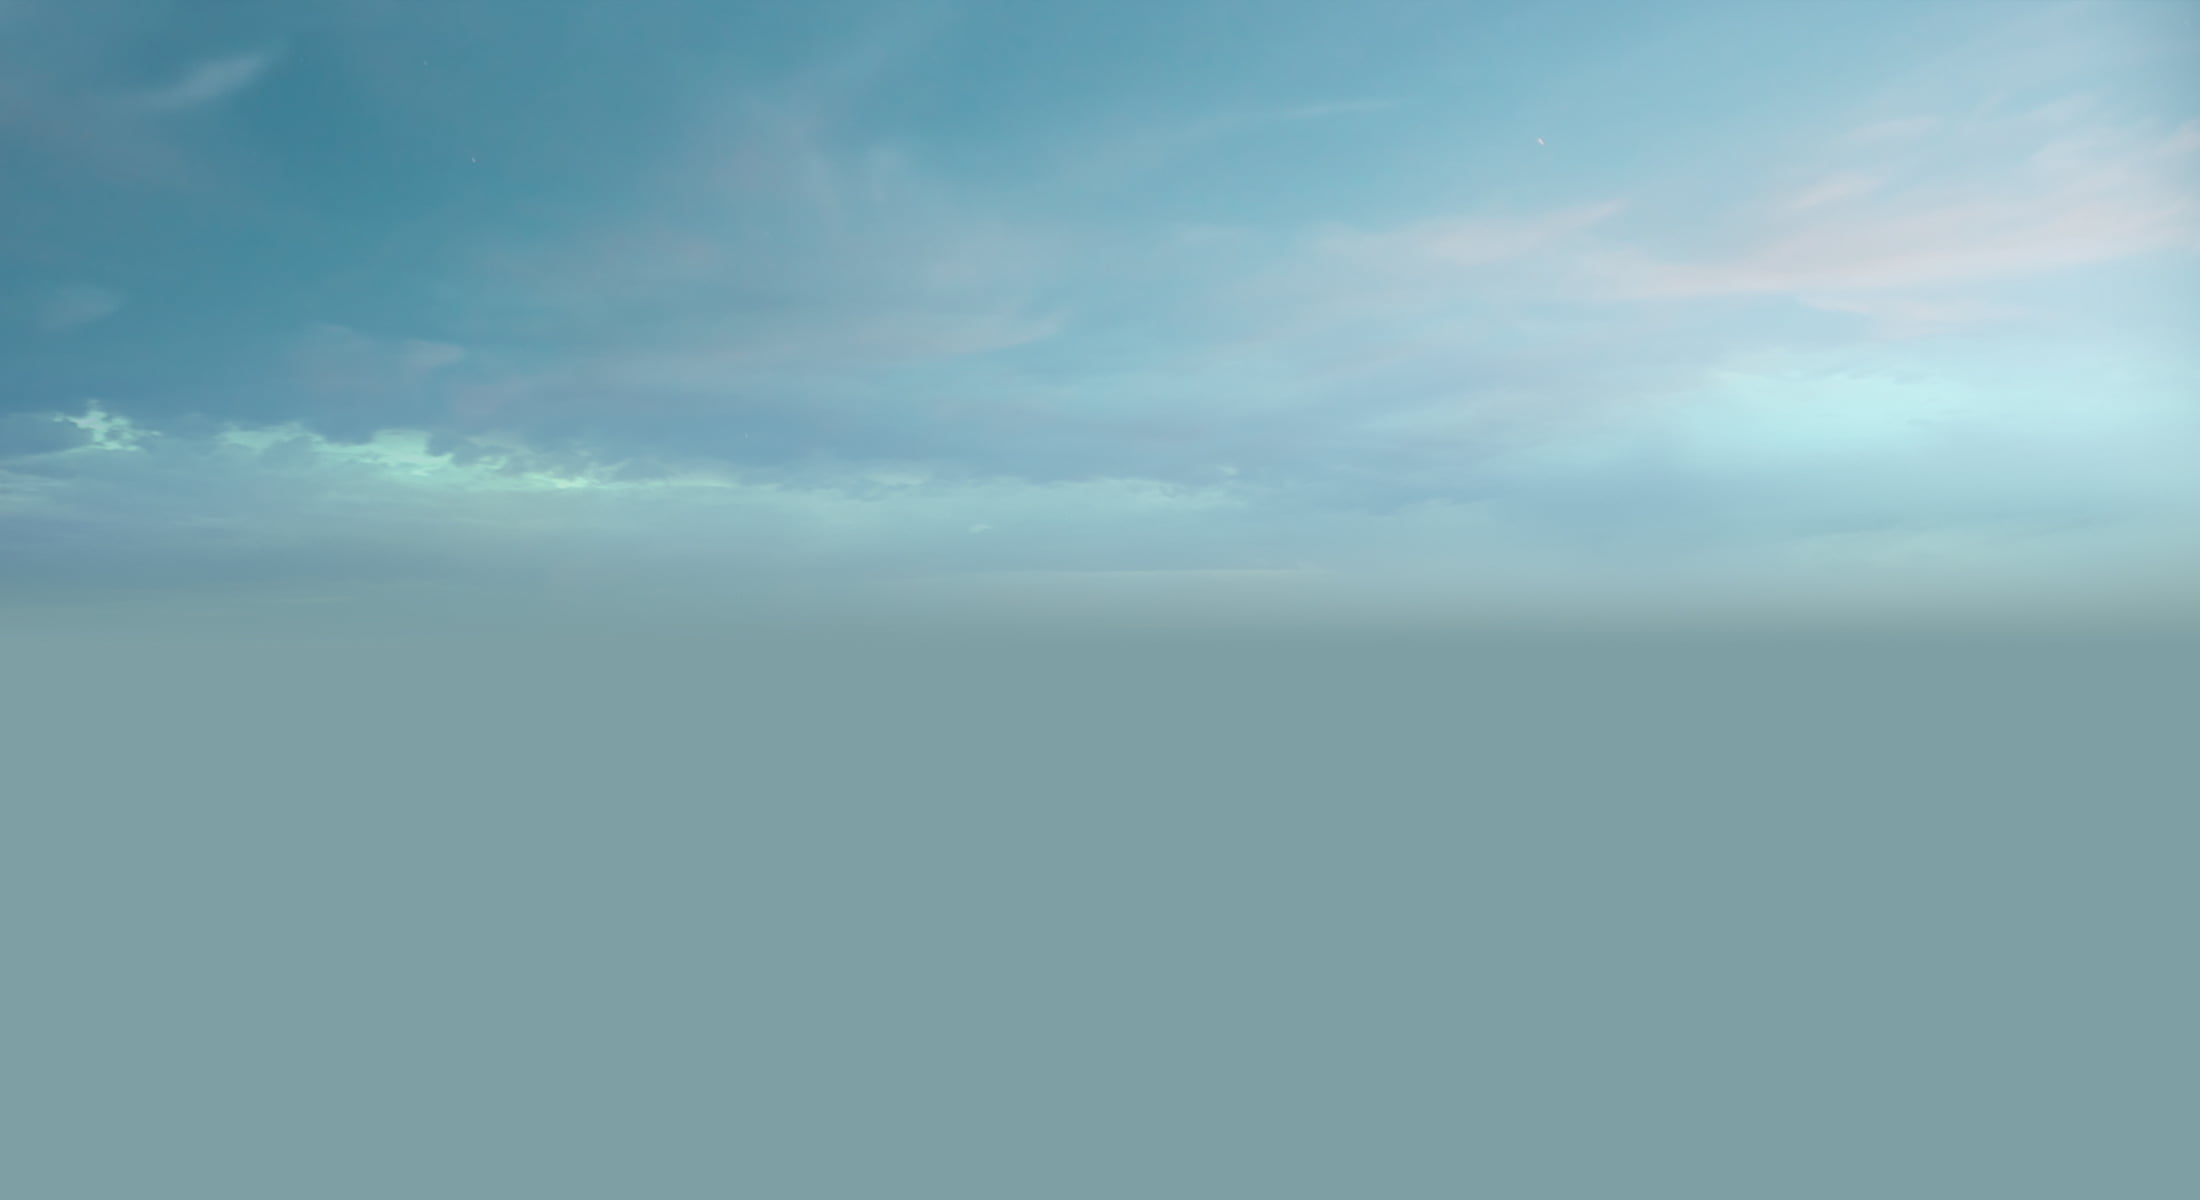 Docks sky